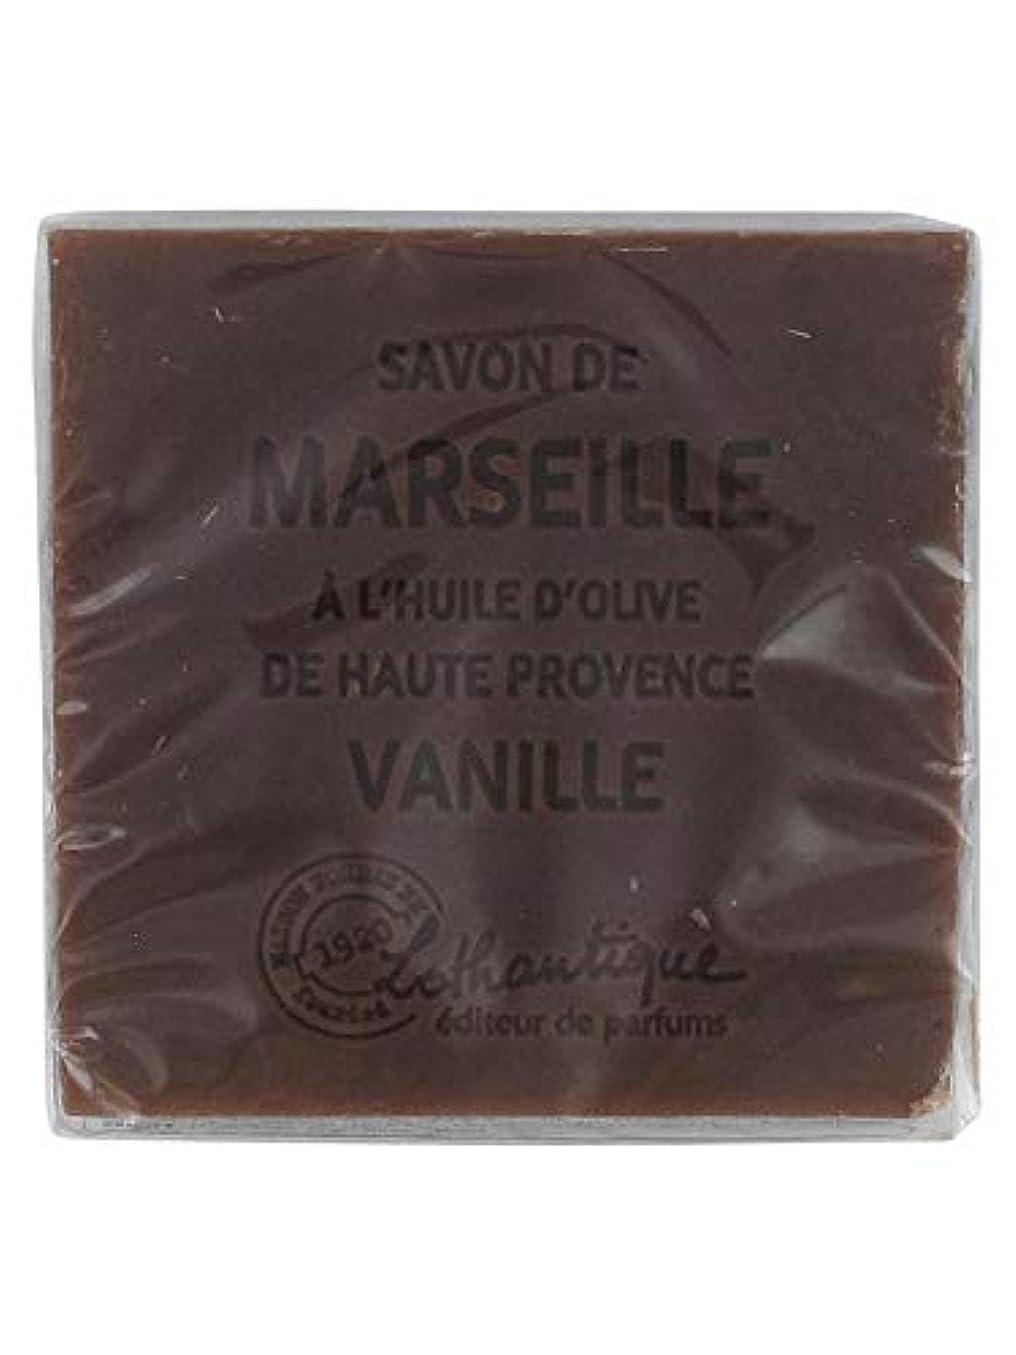 シードレシピ船上Lothantique(ロタンティック) Les savons de Marseille(マルセイユソープ) マルセイユソープ 100g 「バニラ」 3420070038005